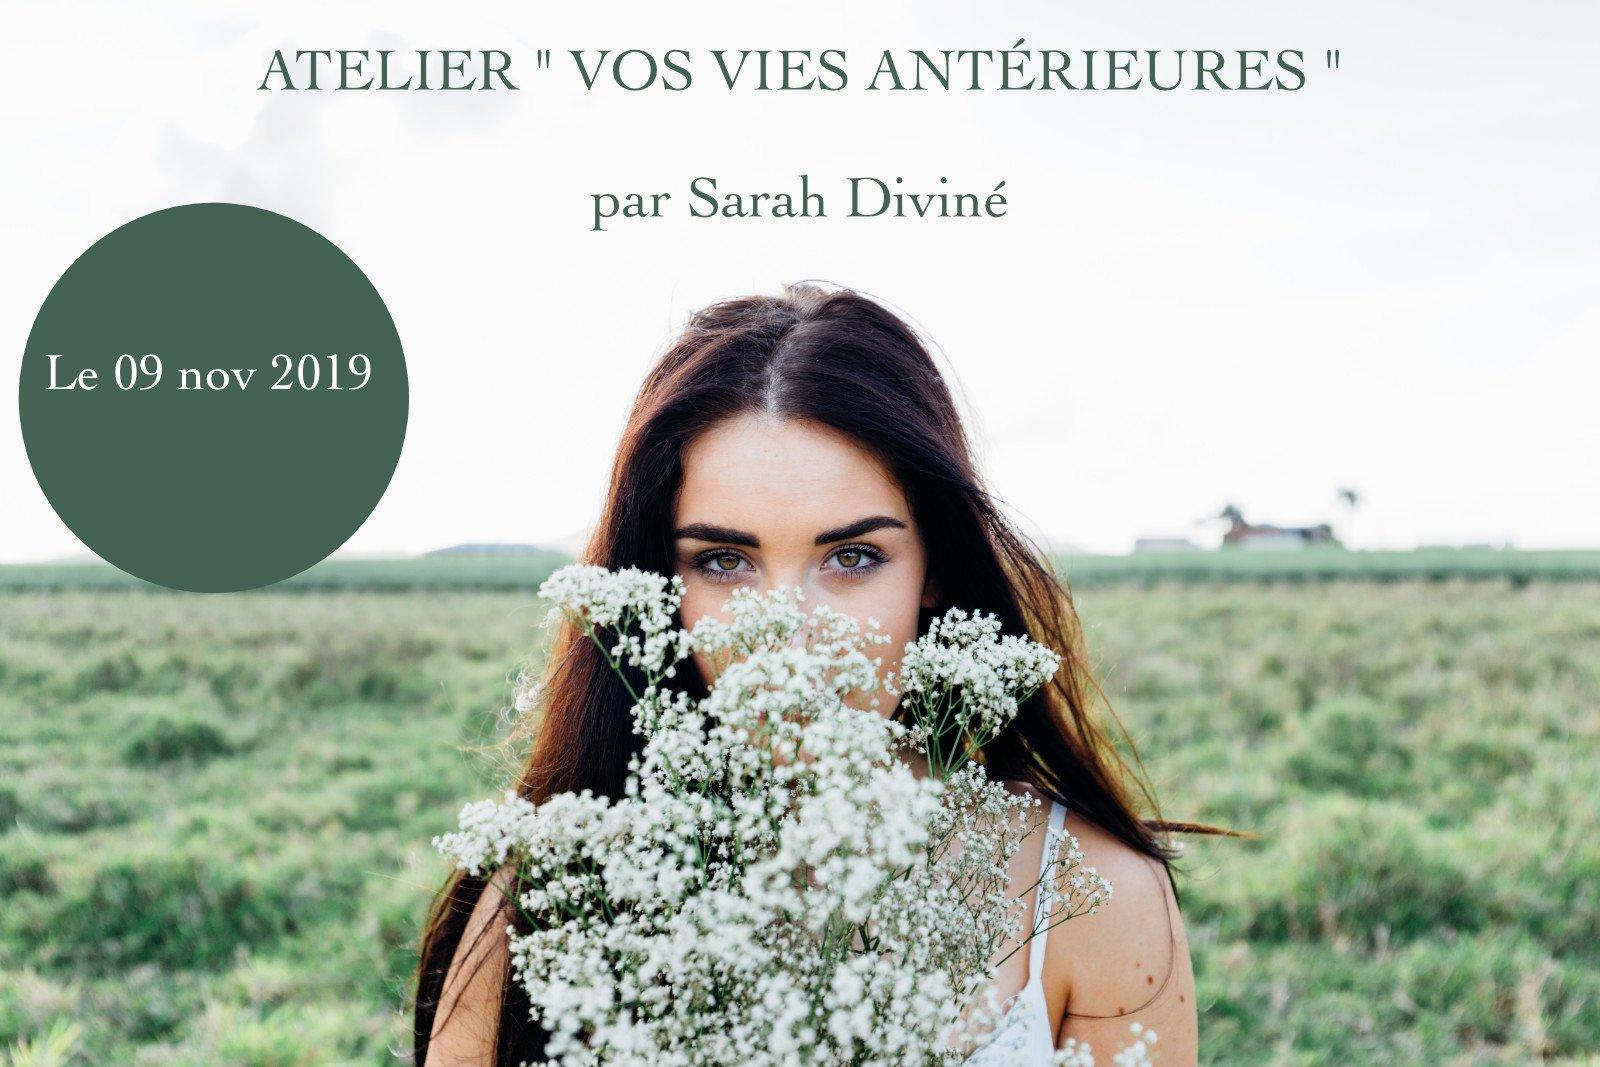 journee_vos_vies_anterieures - 09_nov_2019 a la reunion - Sarah Divine - Être Soi